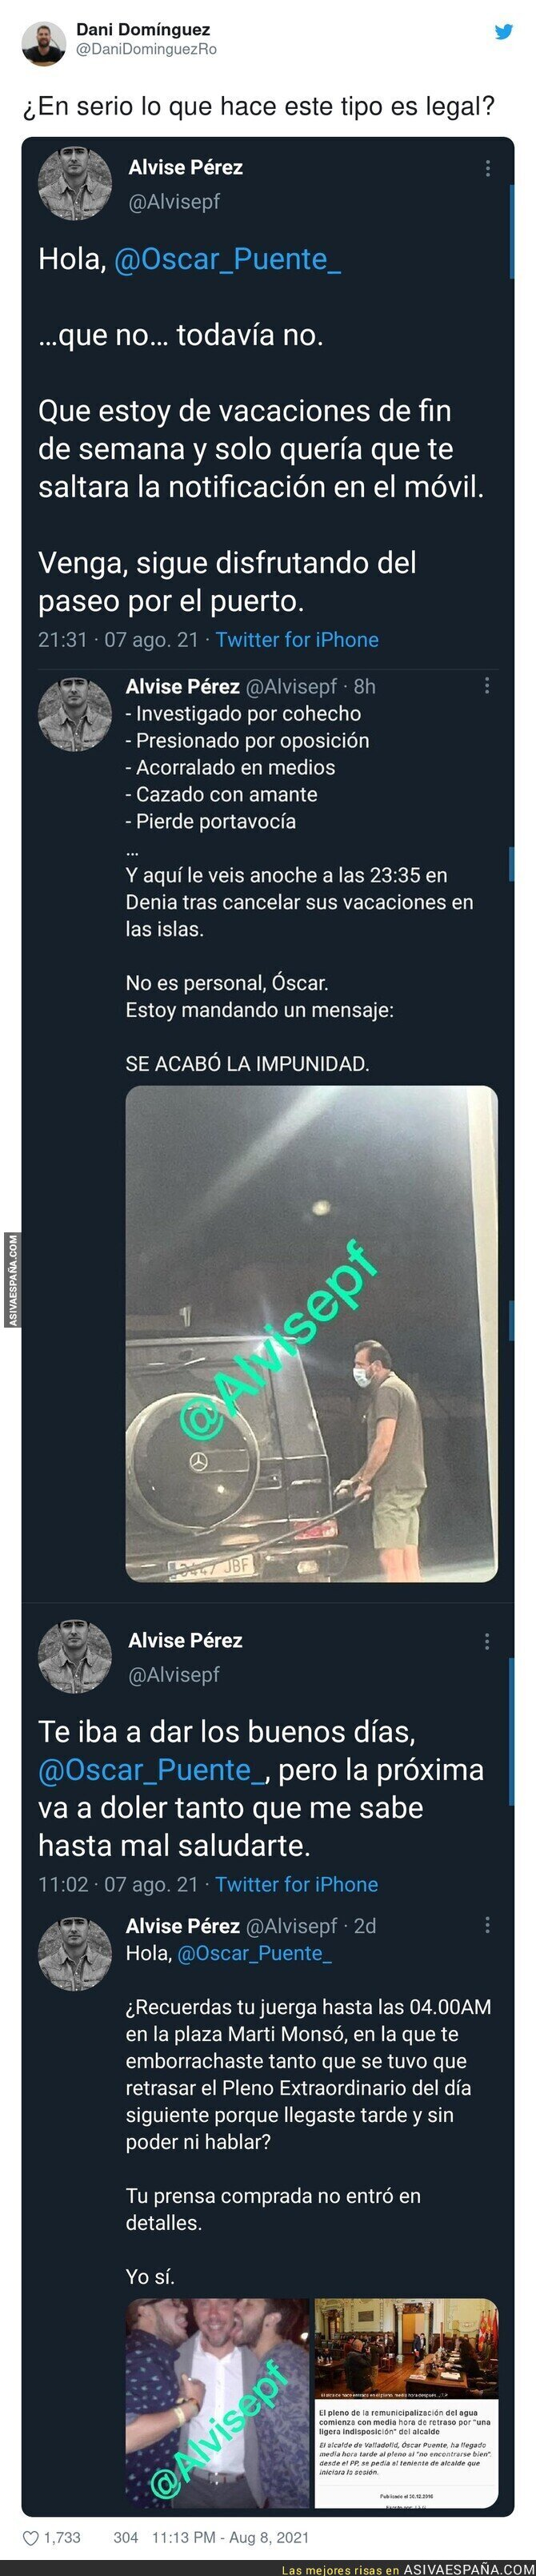 867496 - Lo que hace Alvise Pérez contra los políticos es acoso y alguien debería pararle los pies